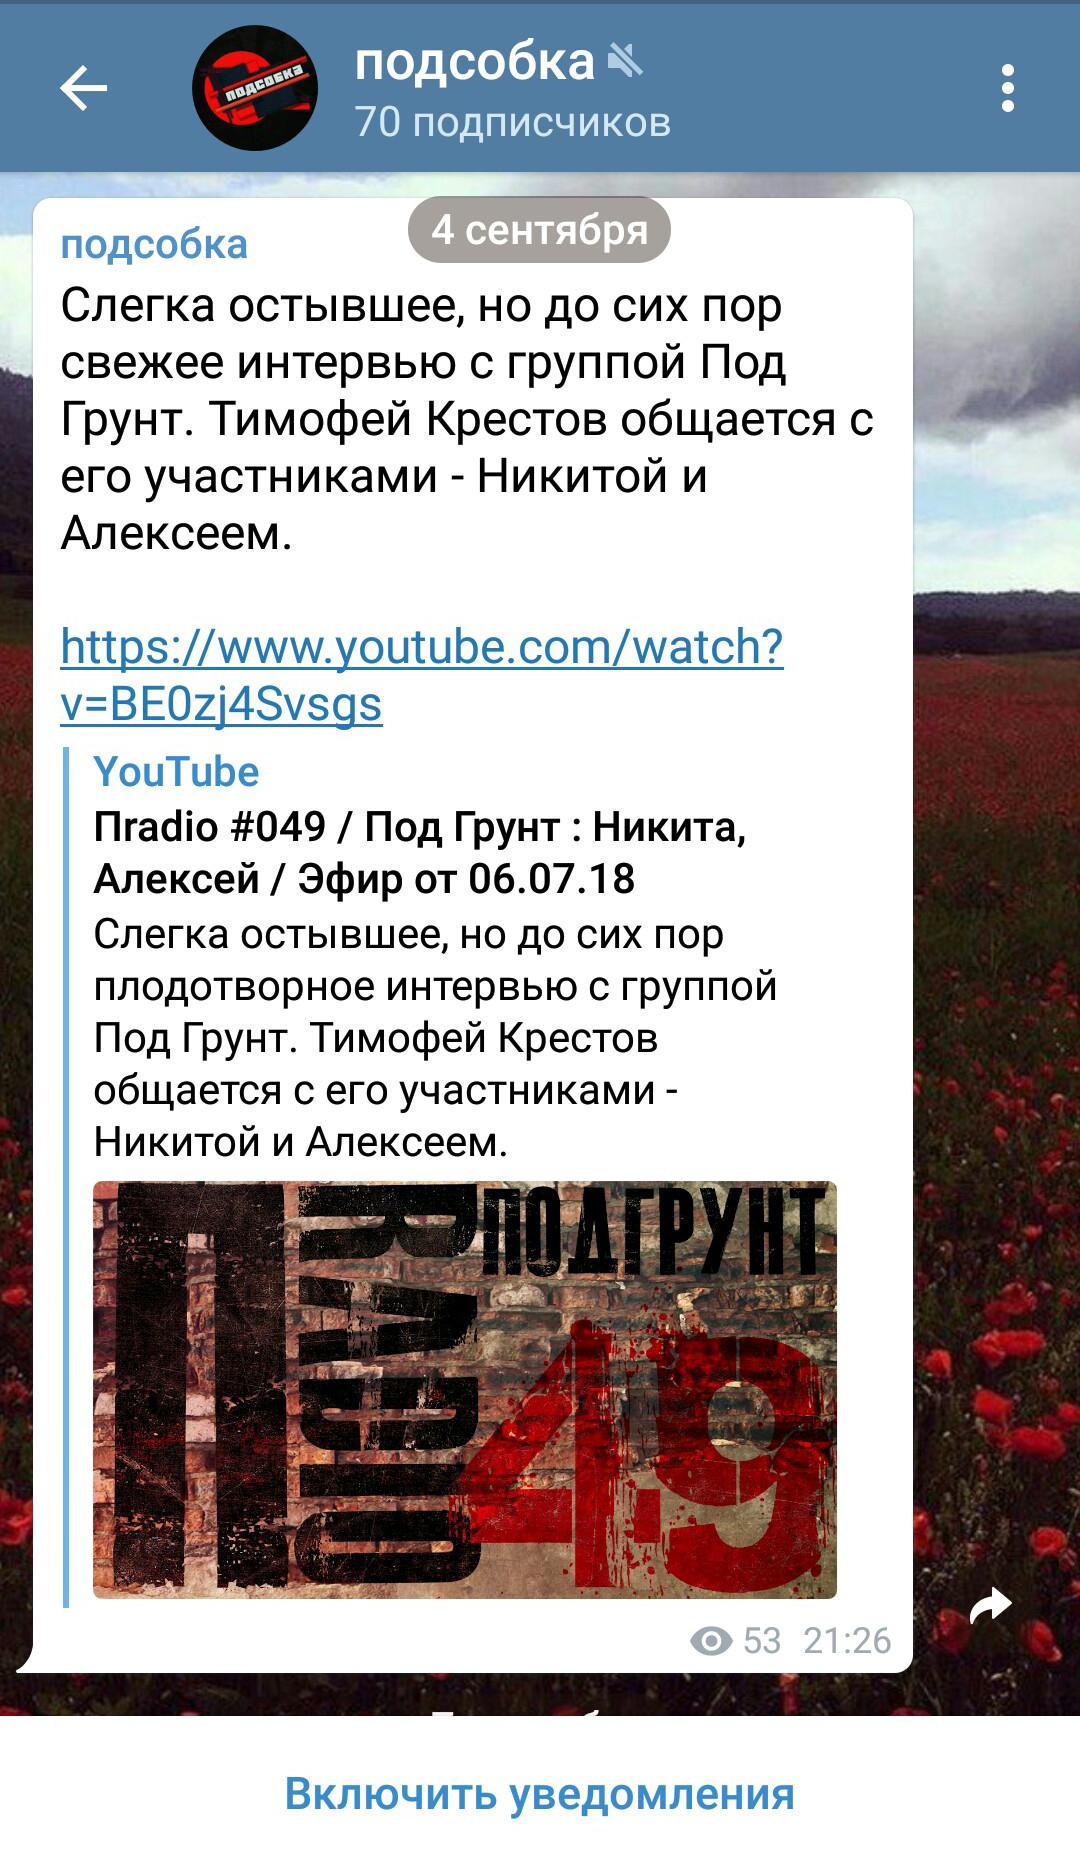 канал с анонсами в телеграмме